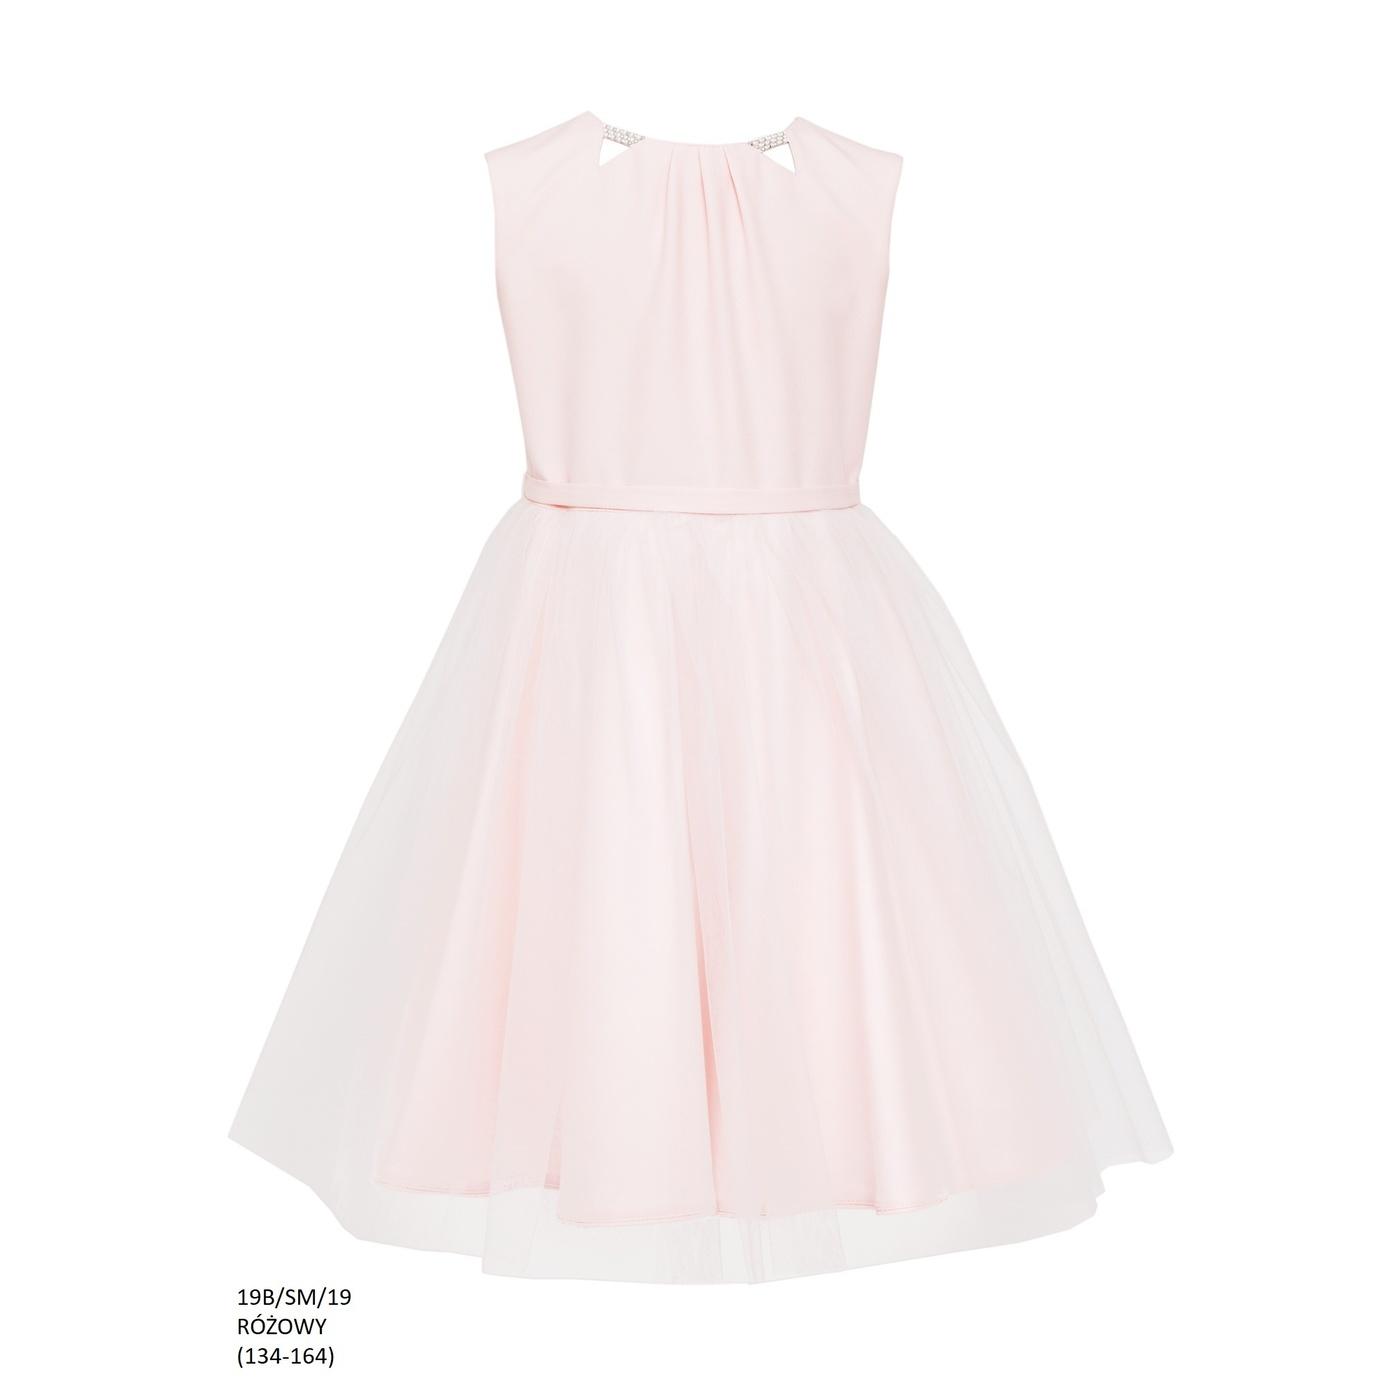 75d9081e58 Sukienka z tiulowym dołem Różowa 19B SM 19